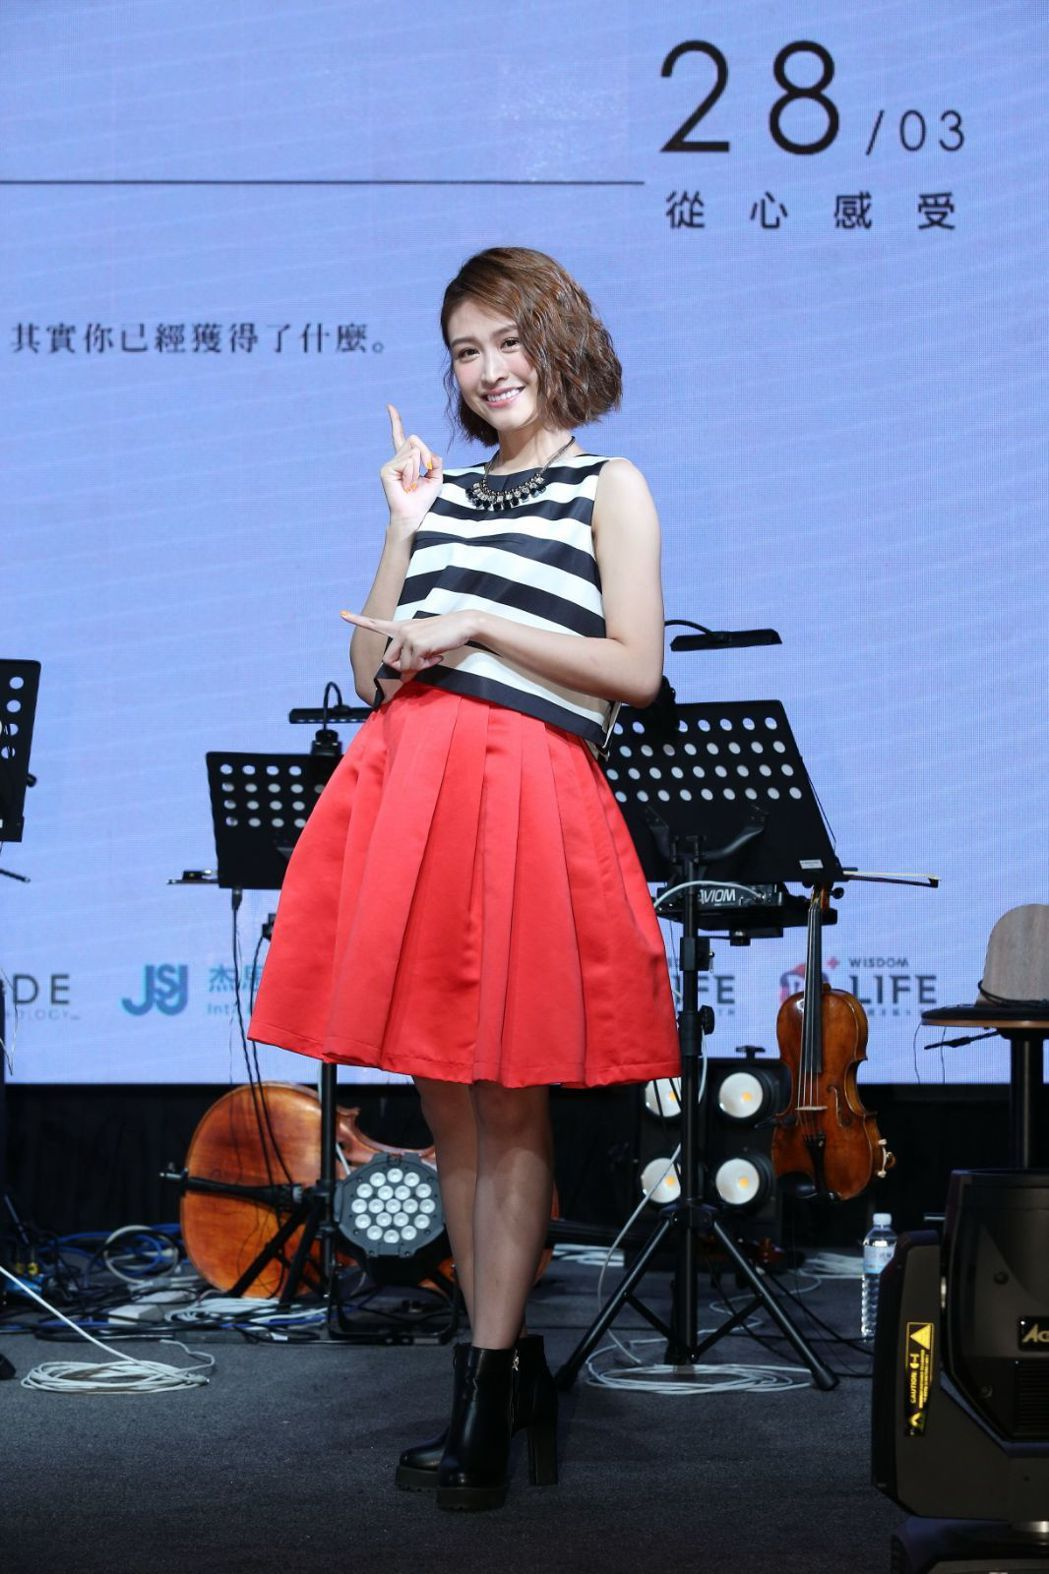 黃若熙昨辦音樂分享會,師兄黃明志驚喜站台。圖/杰思國際娛樂提供